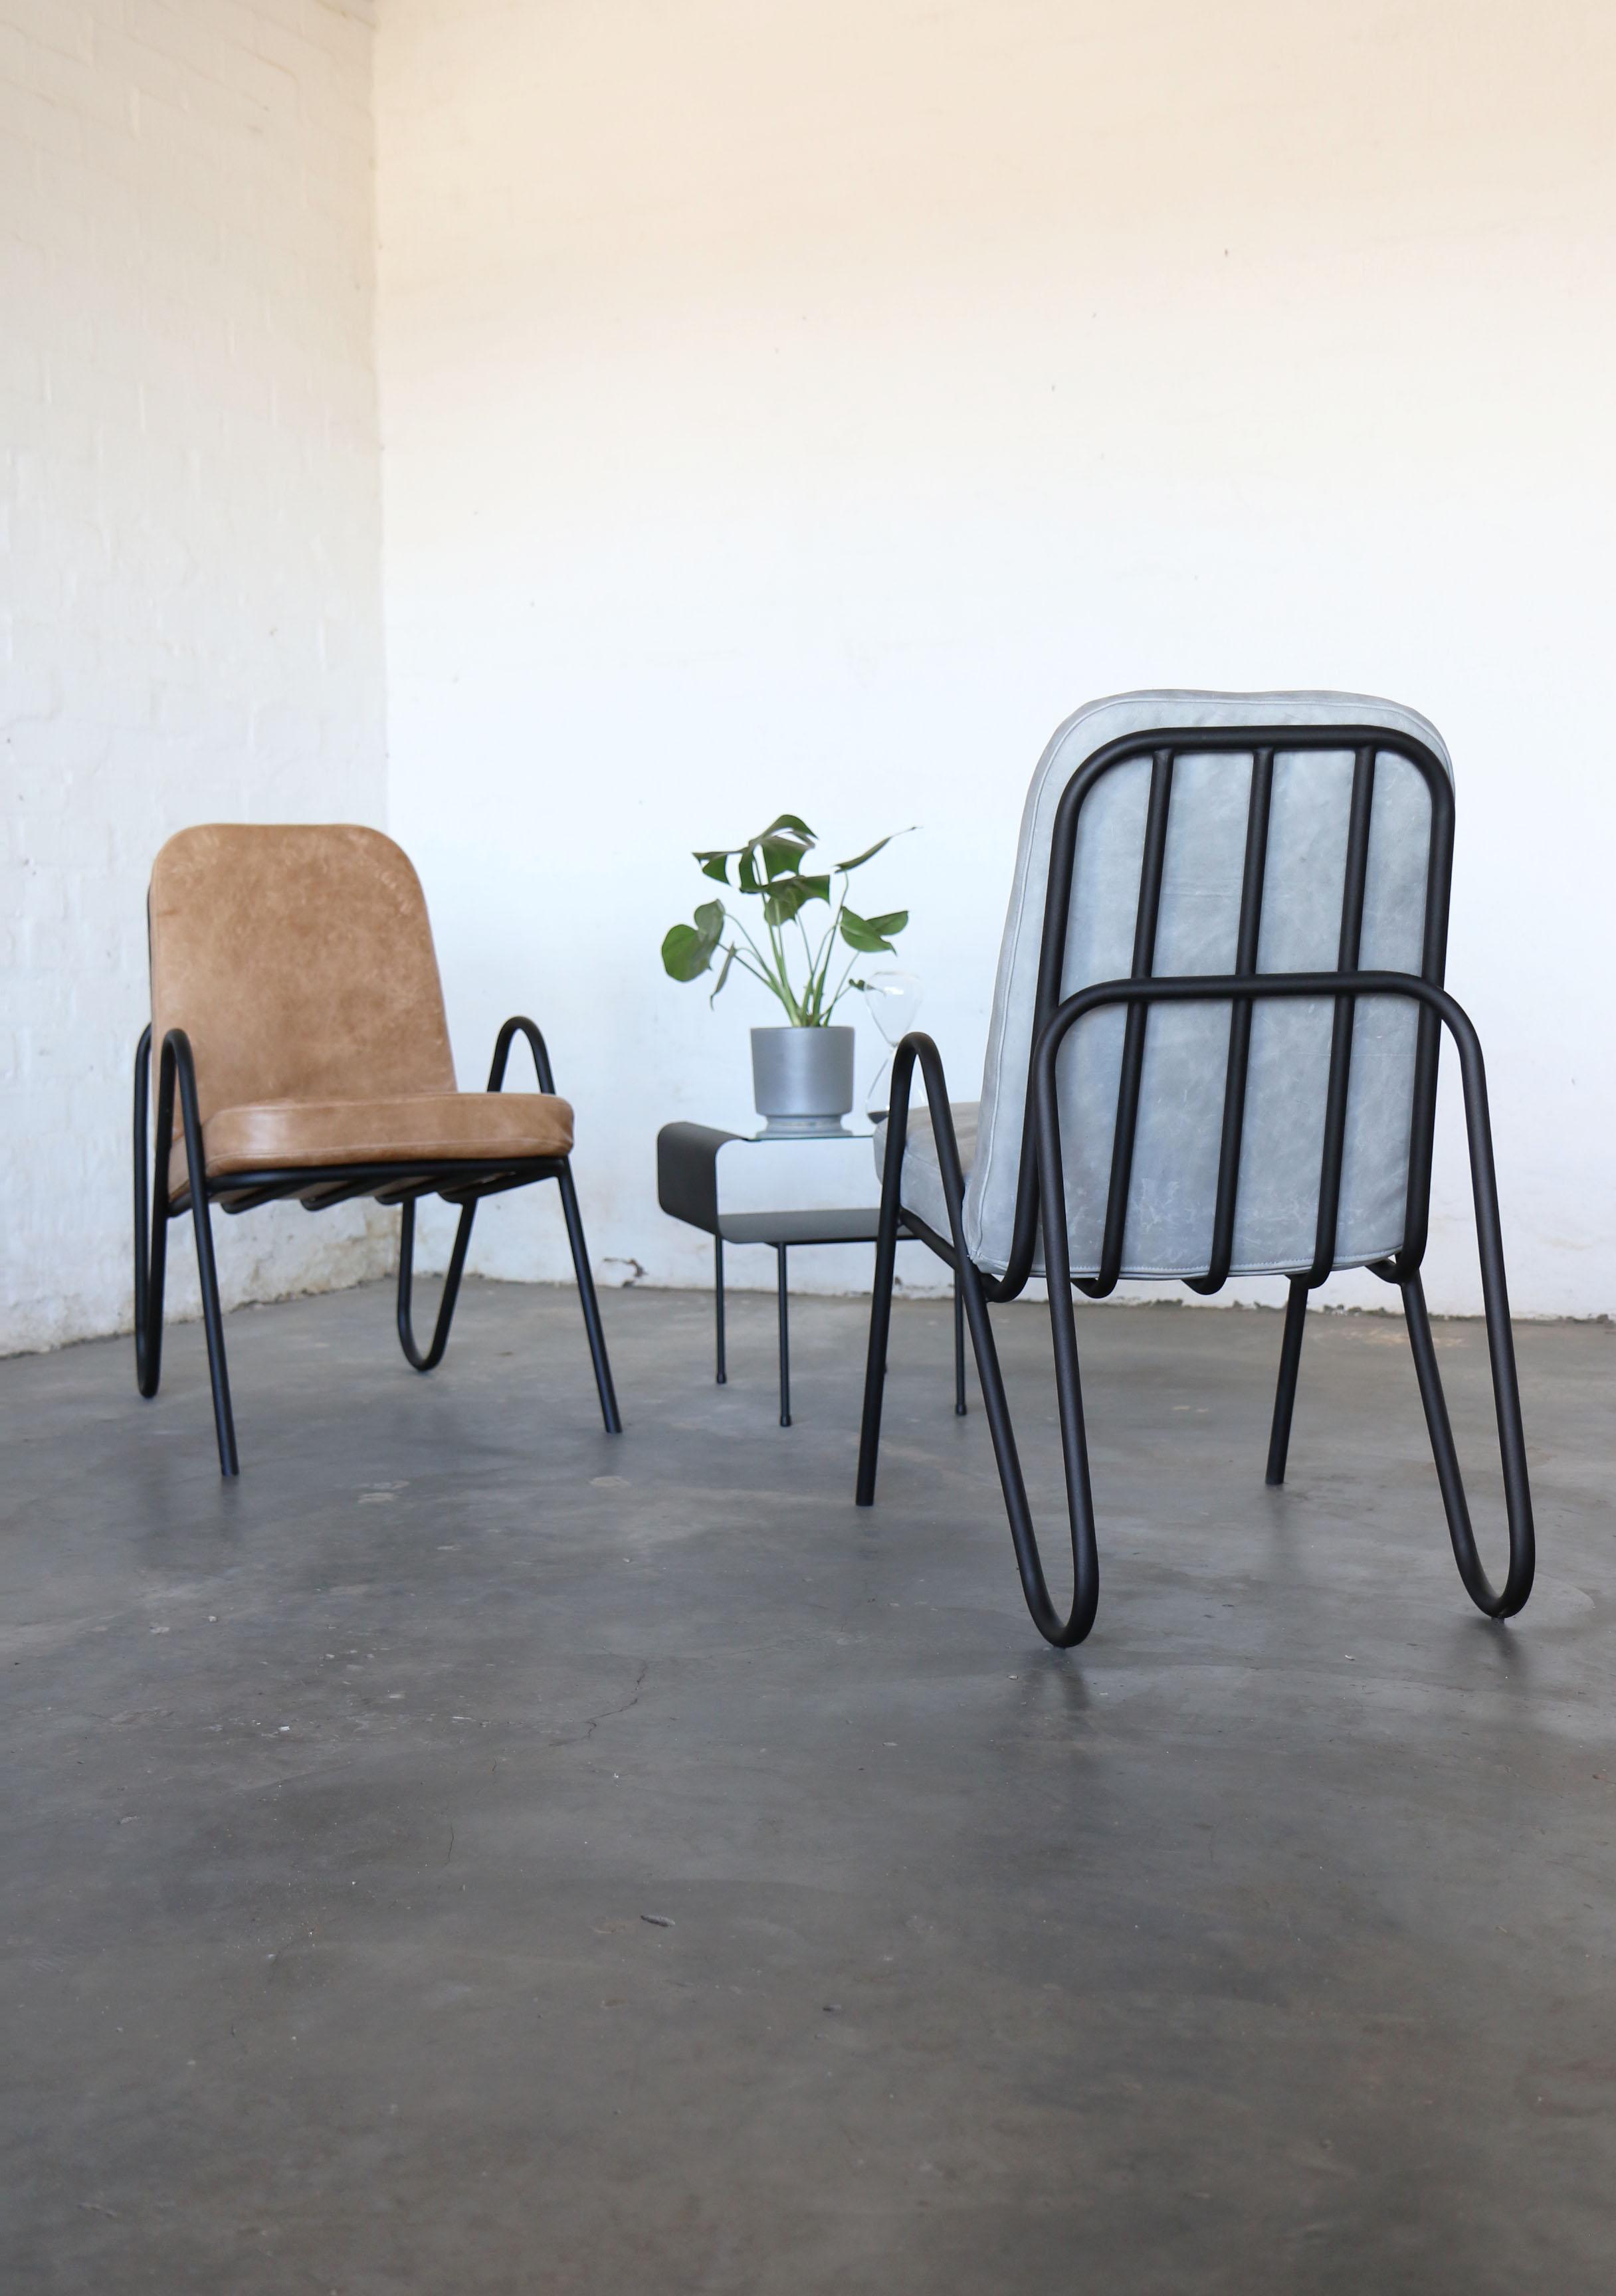 mayor chairs